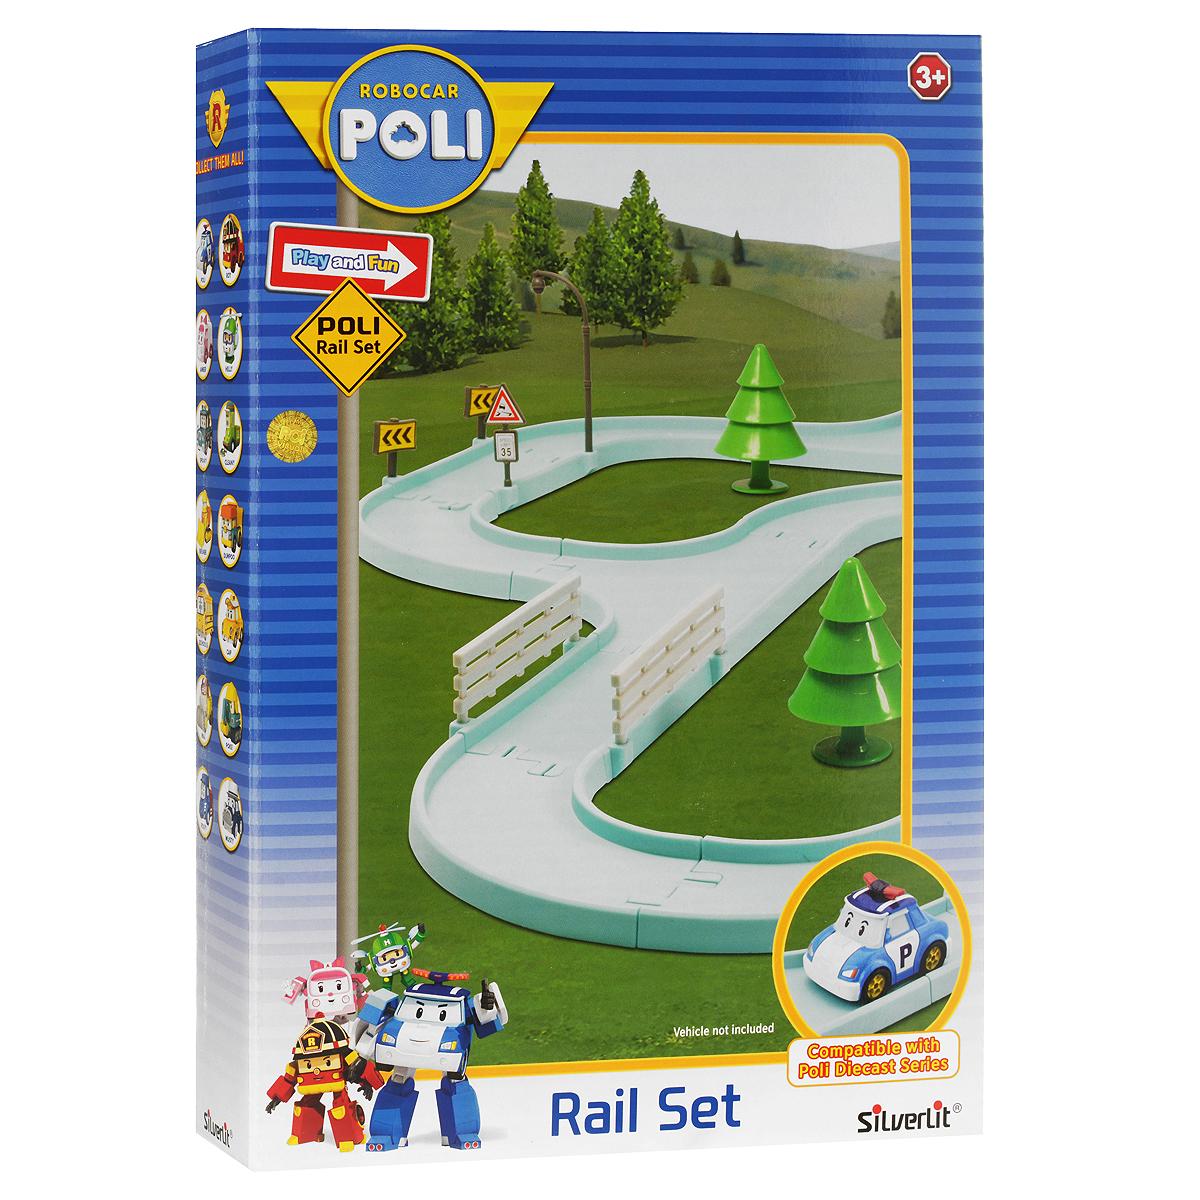 Robocar Poli Игровой набор Большой гоночный трек для металлических машинок 83250